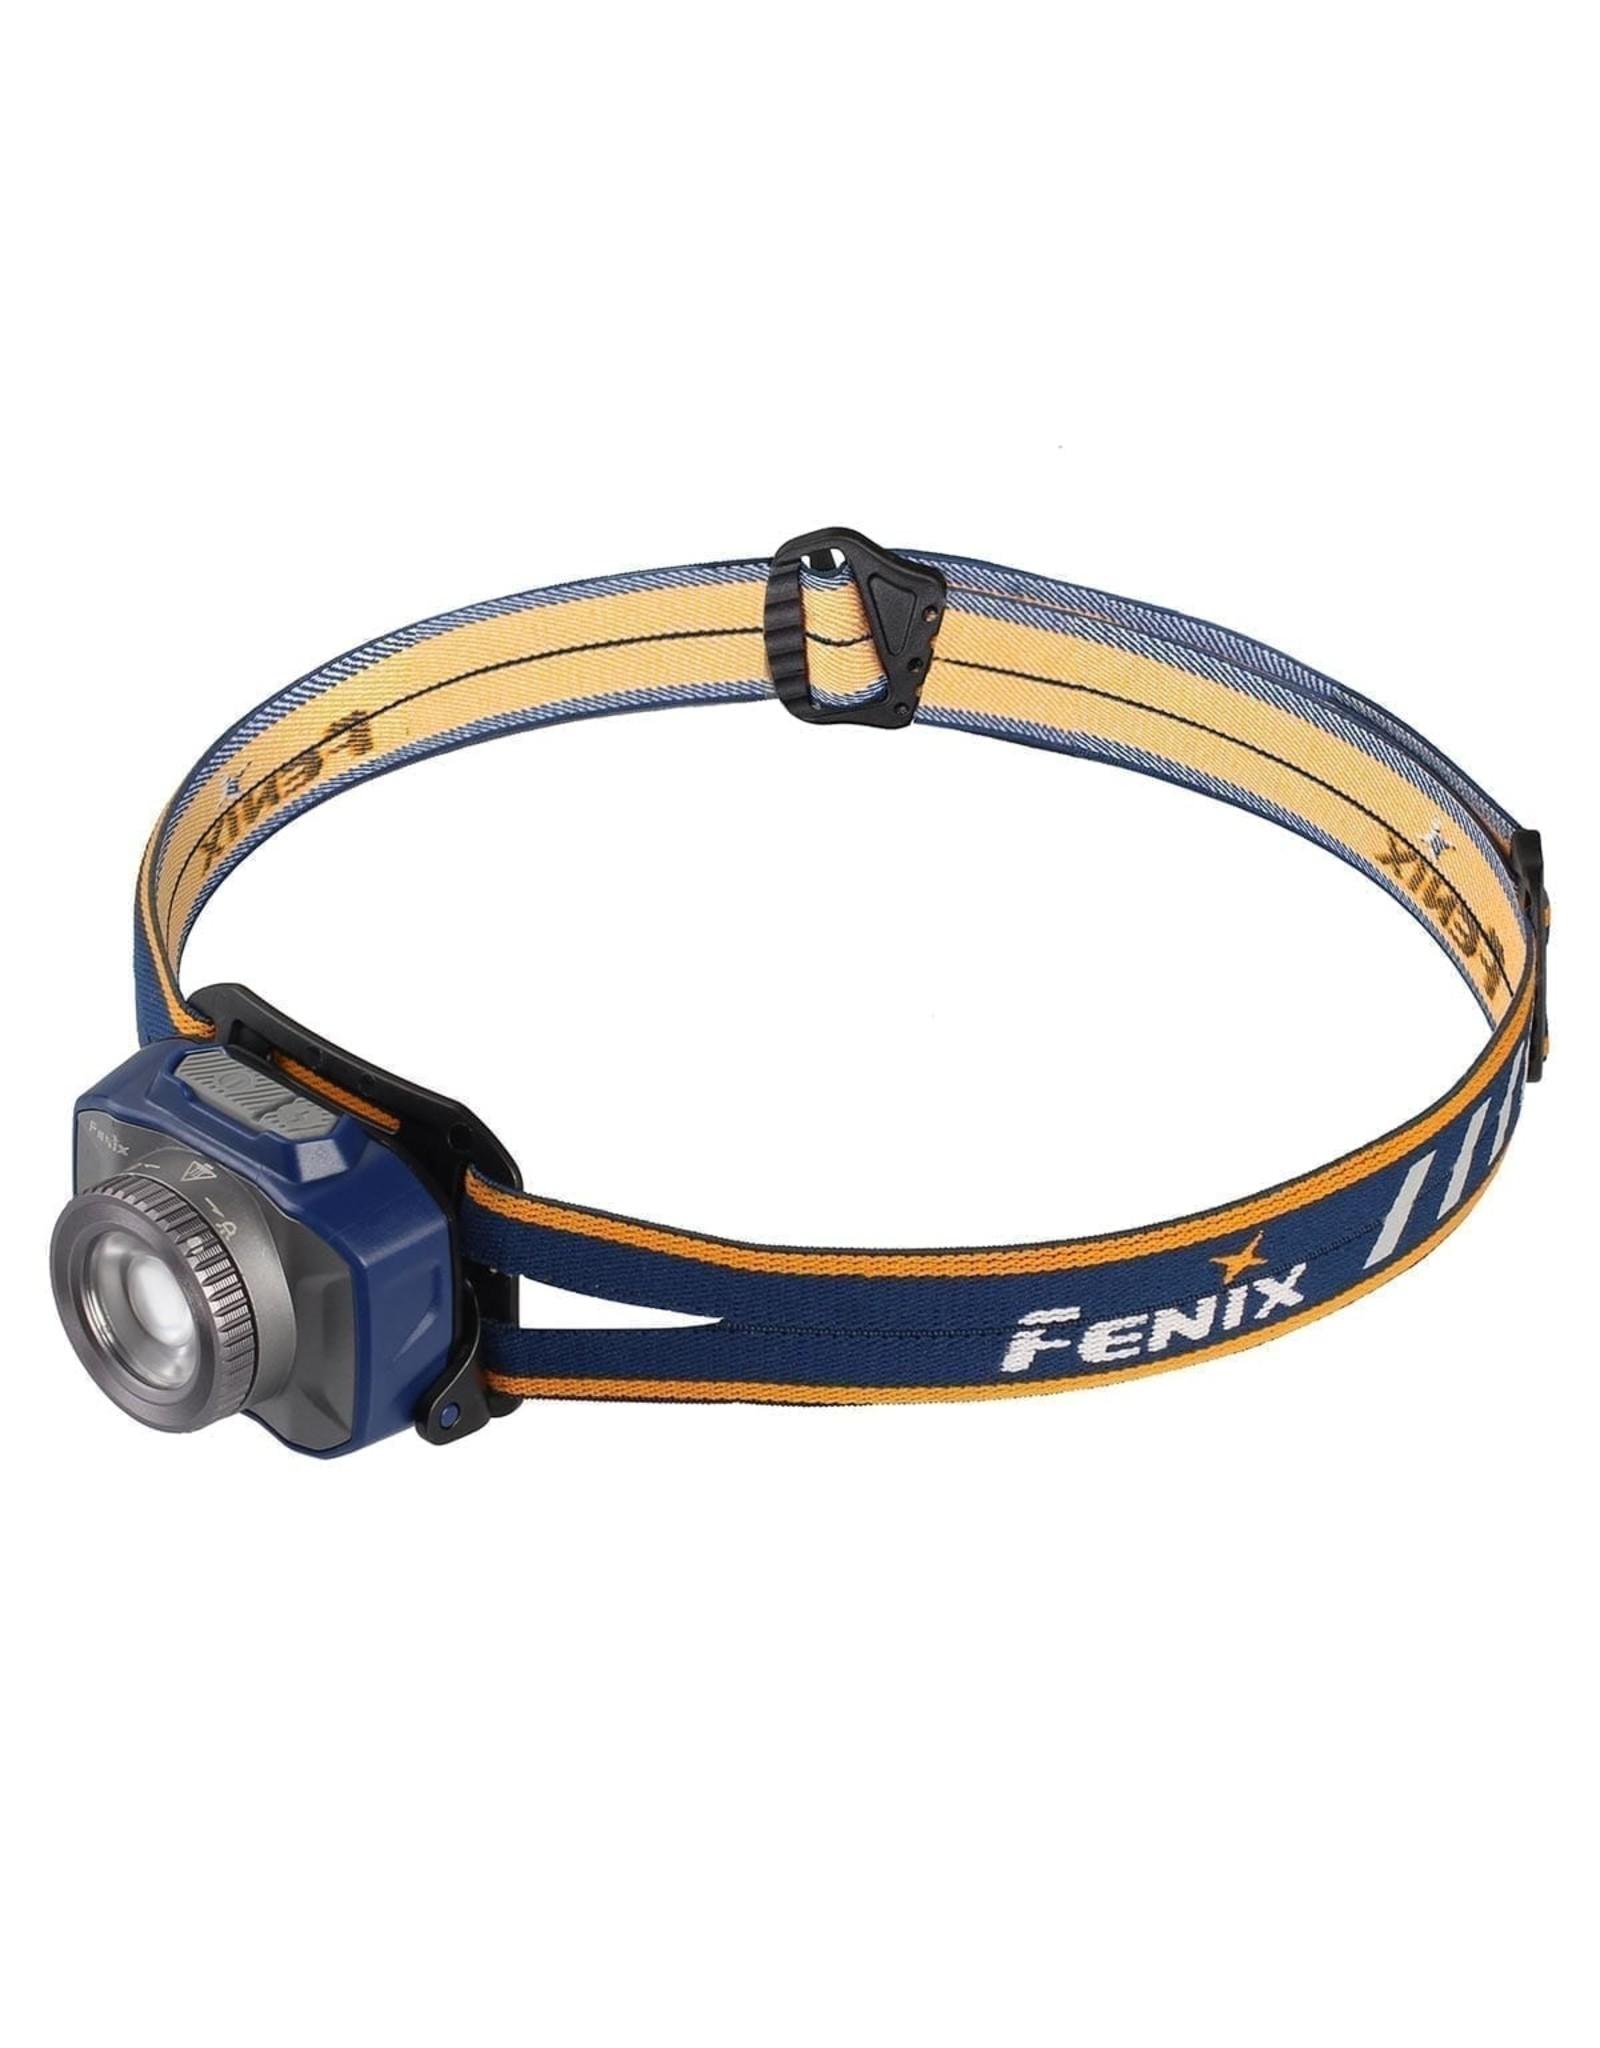 Fenix - HL40R Headlamp Blue